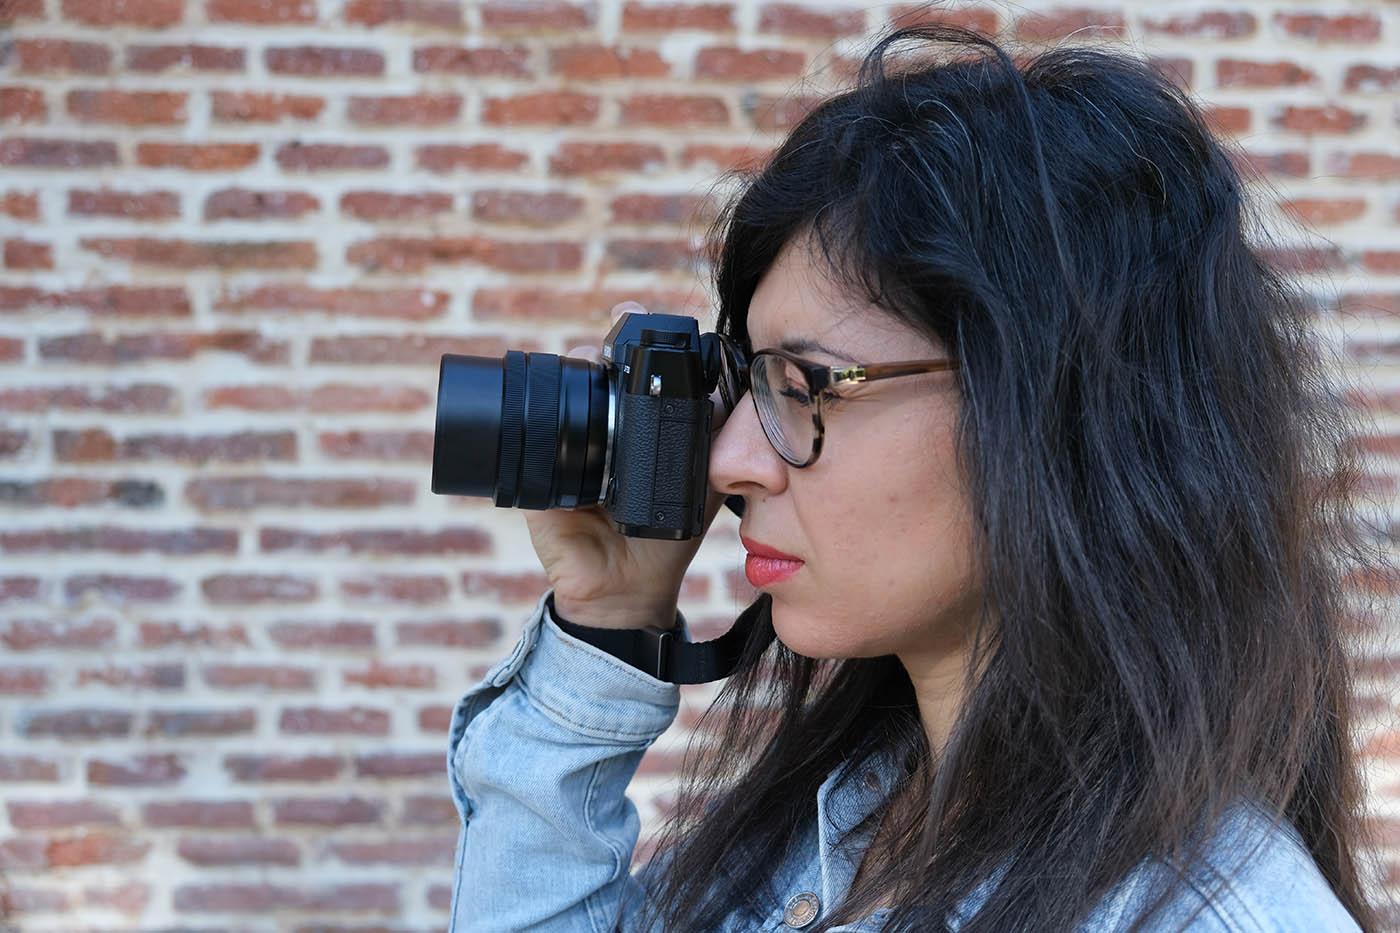 Fujifilm XT30 viseur